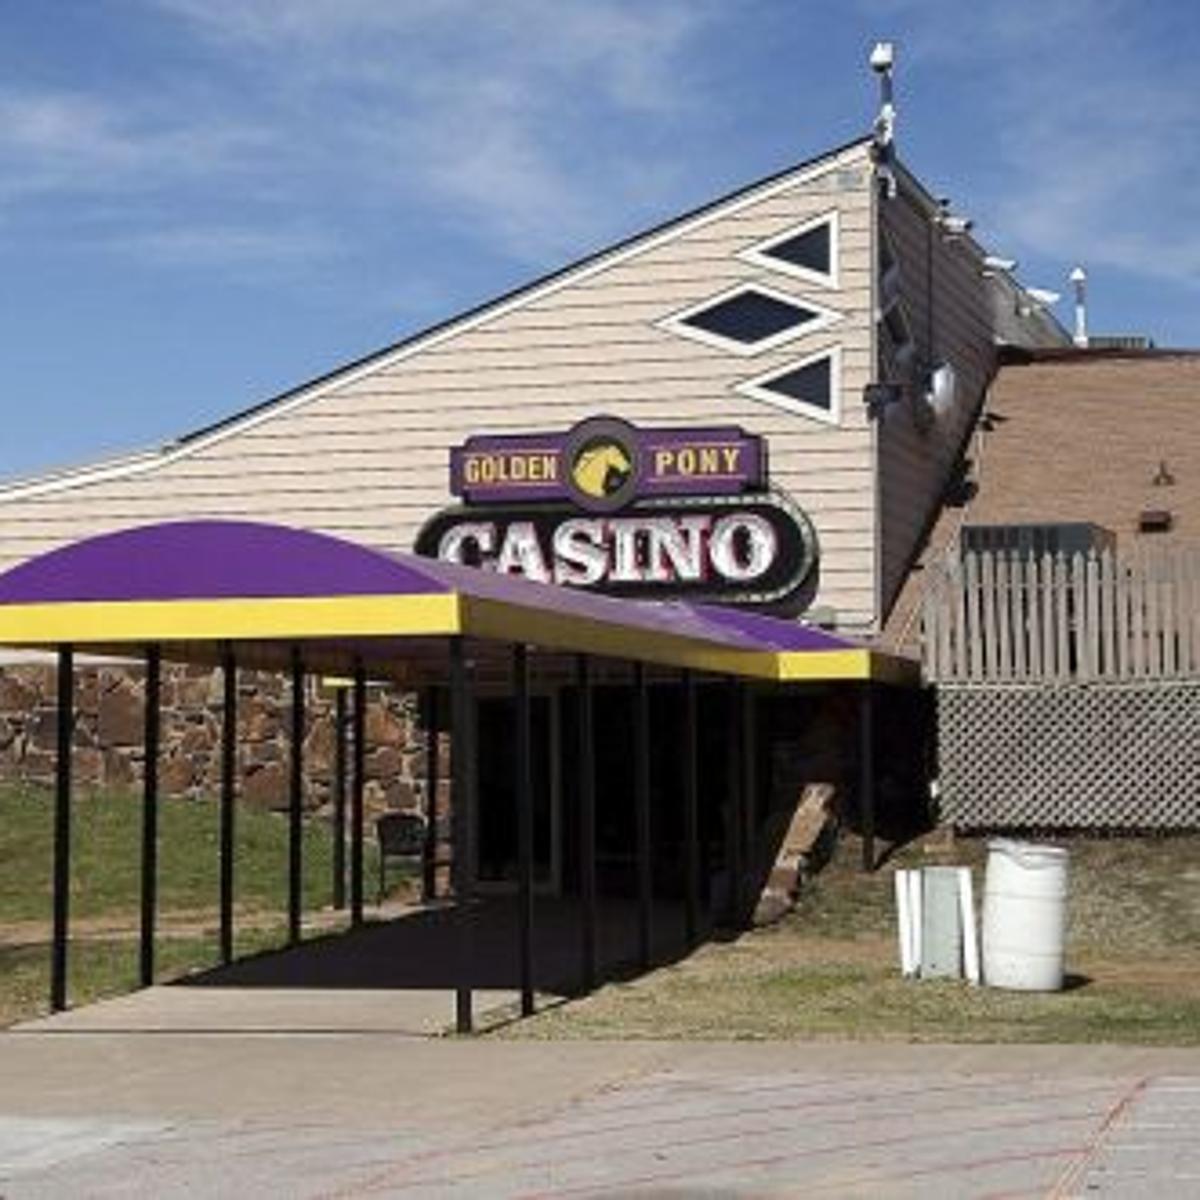 Golden pony casino oklahoma snoqualmie casino music calendar